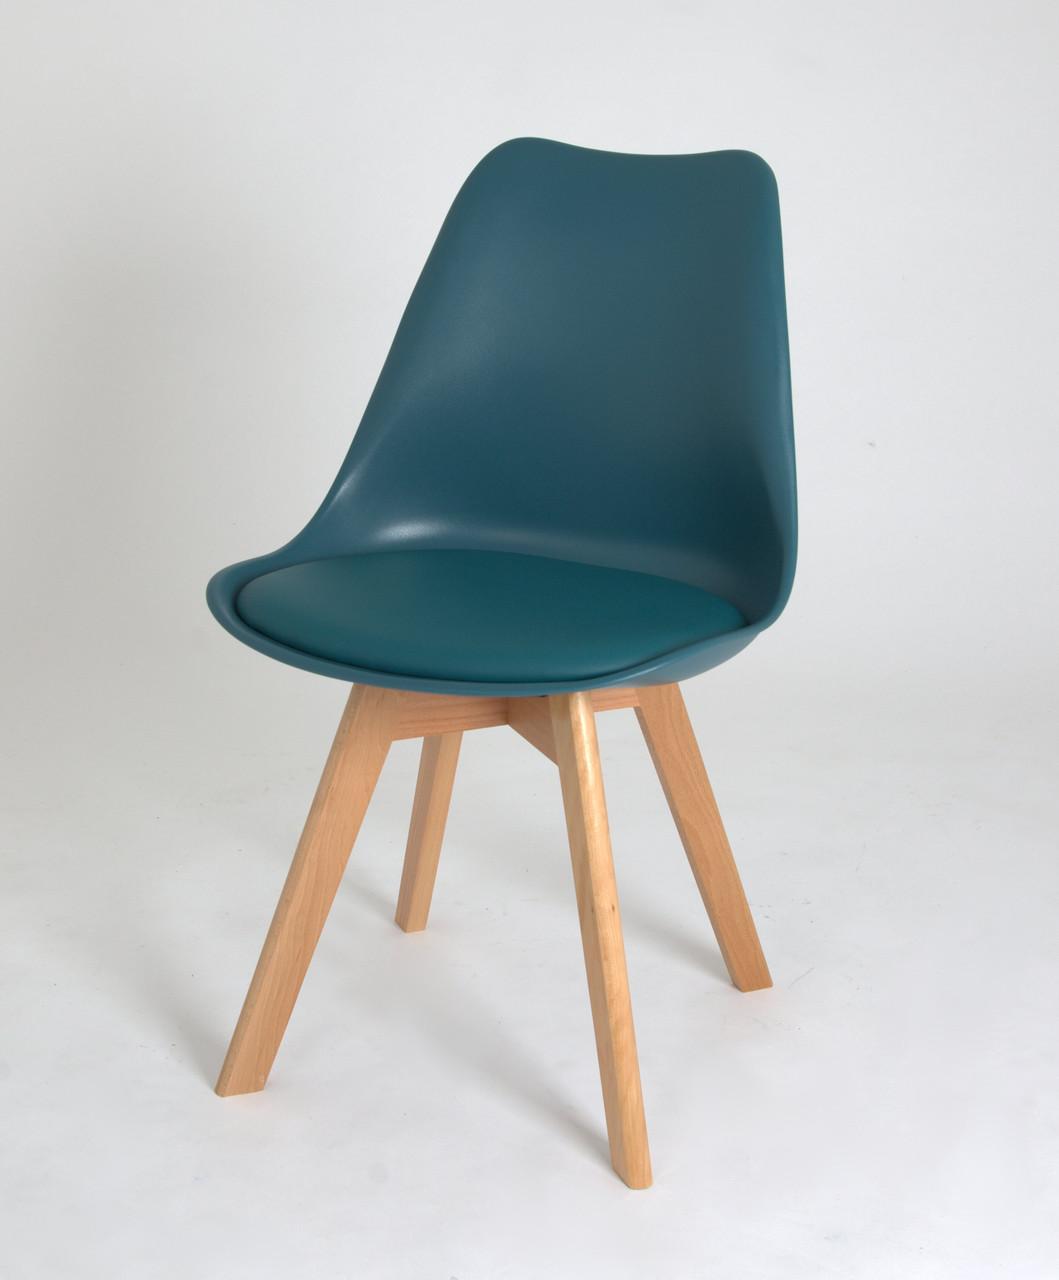 Стул пластик Milan (Милан) зеленый 02 на деревянных ножках, мягкое сиденье